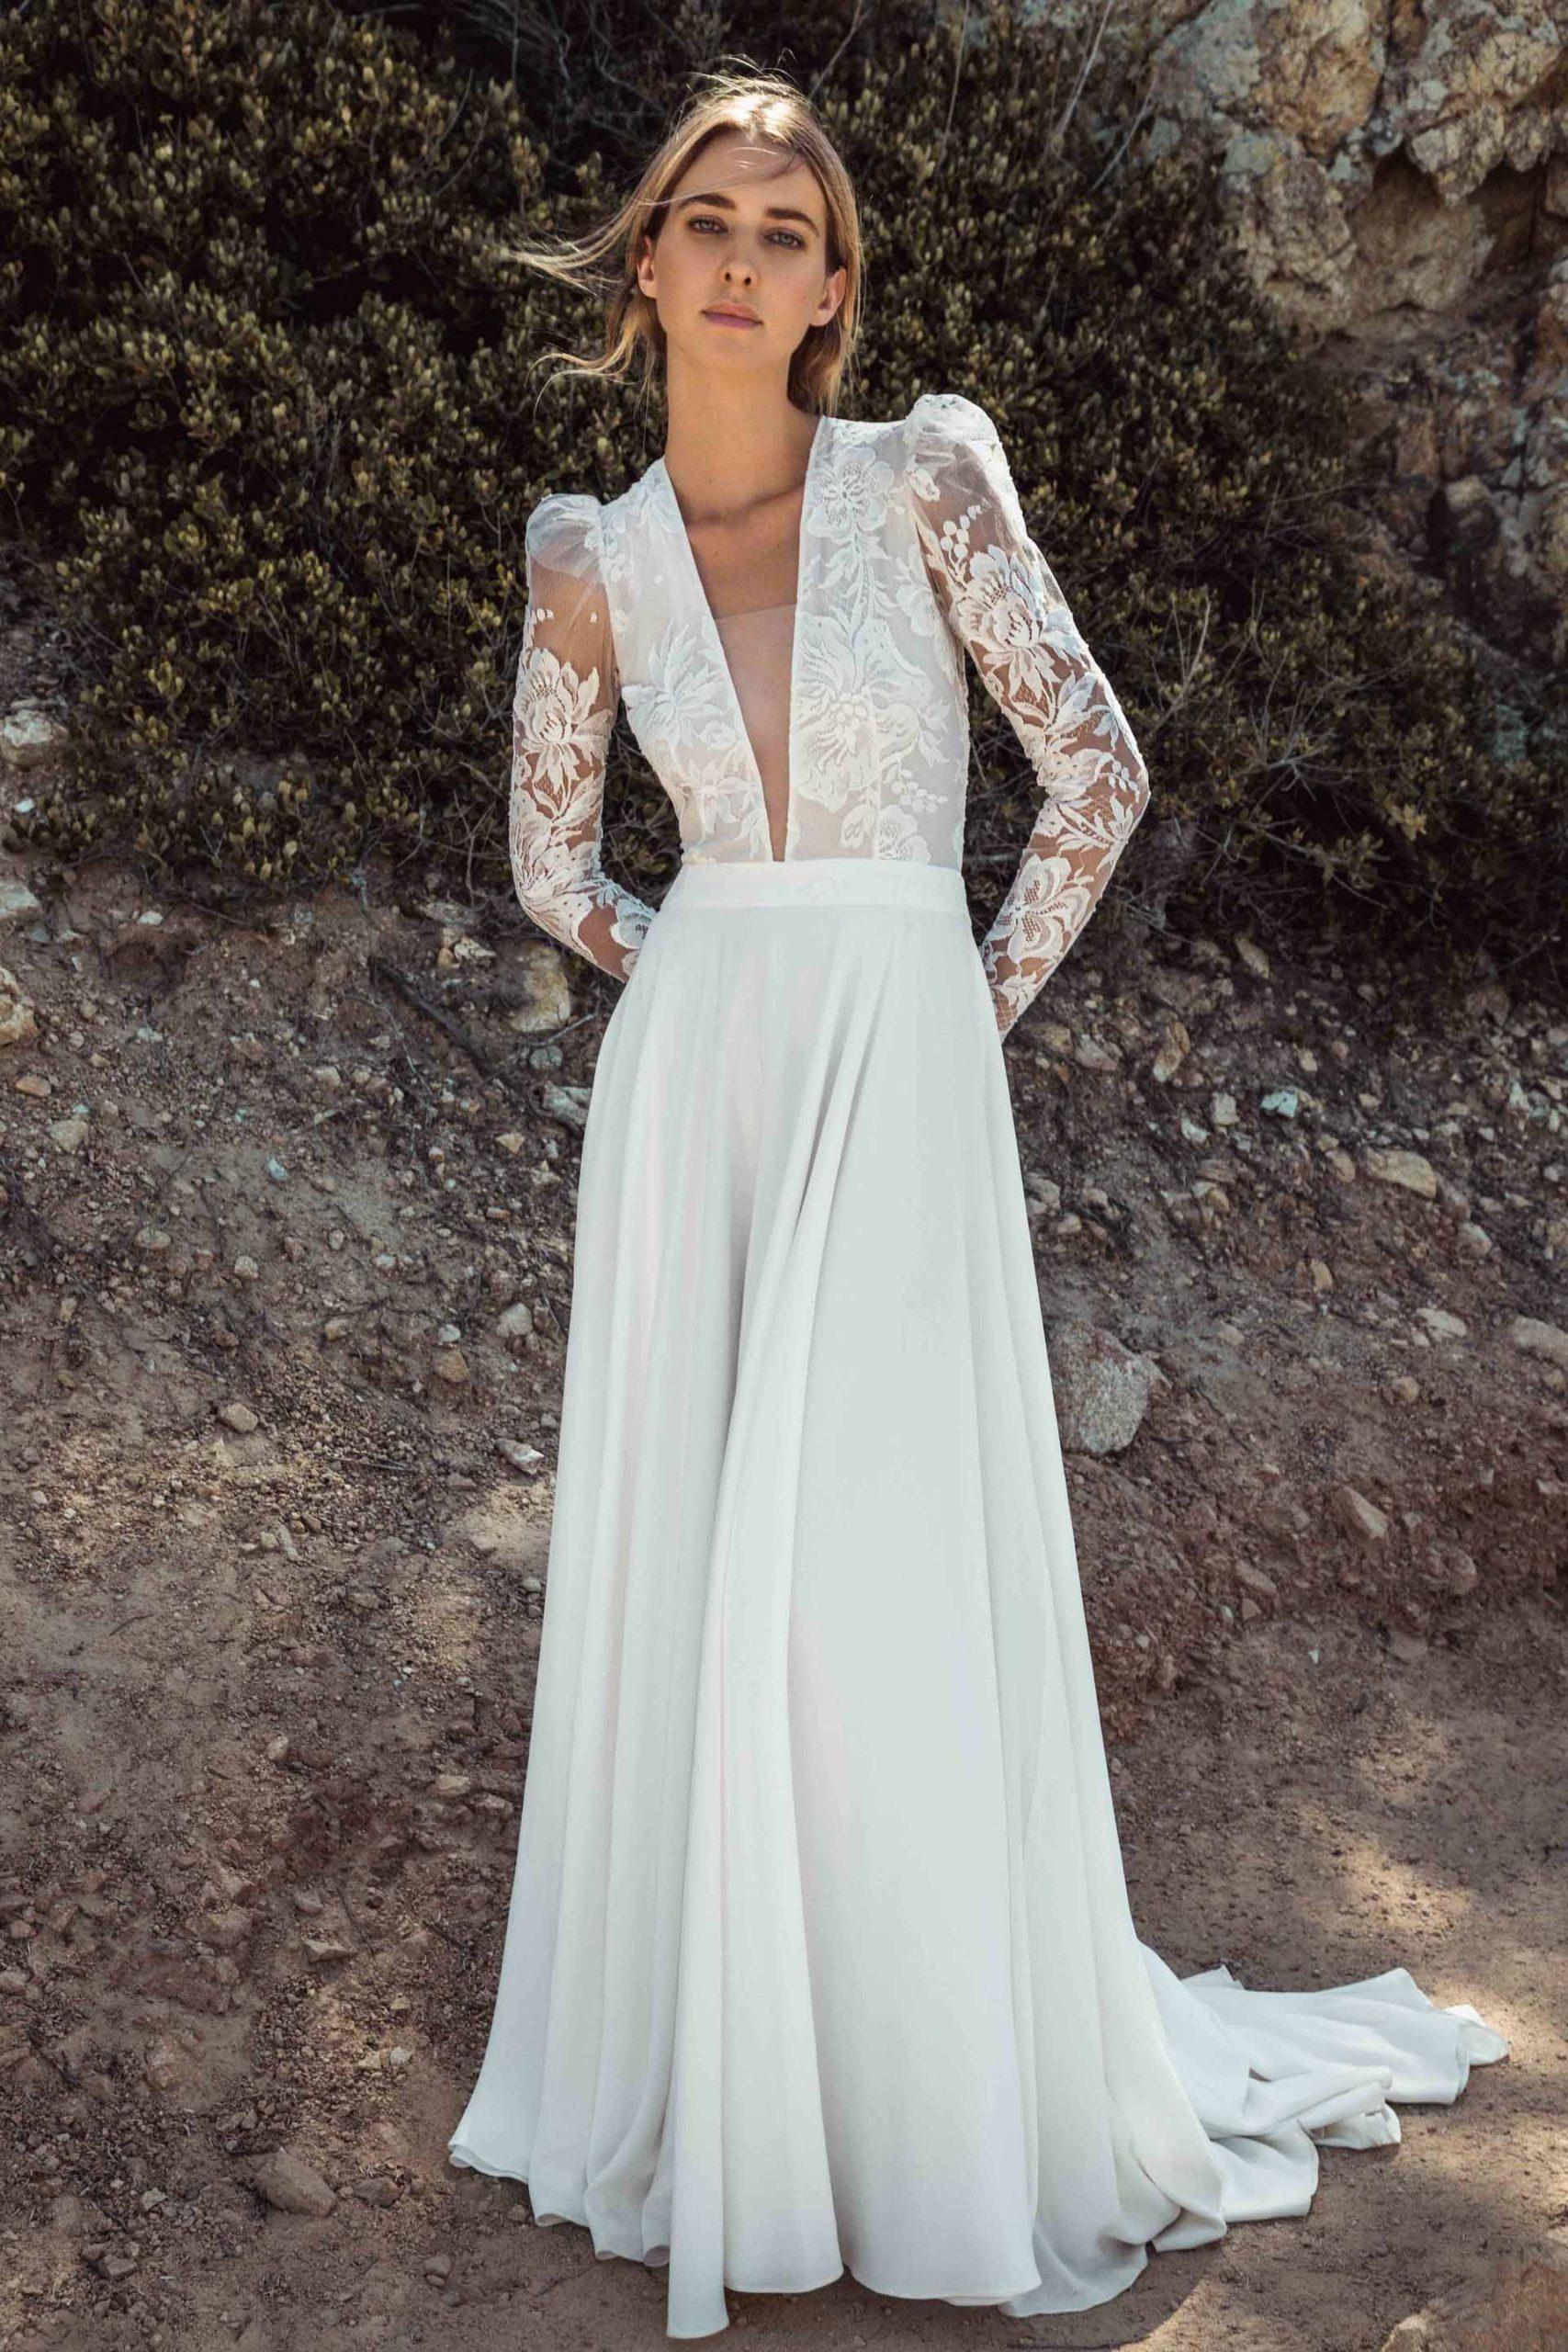 robe de mariée couture paris créatrice robe mariee lyon